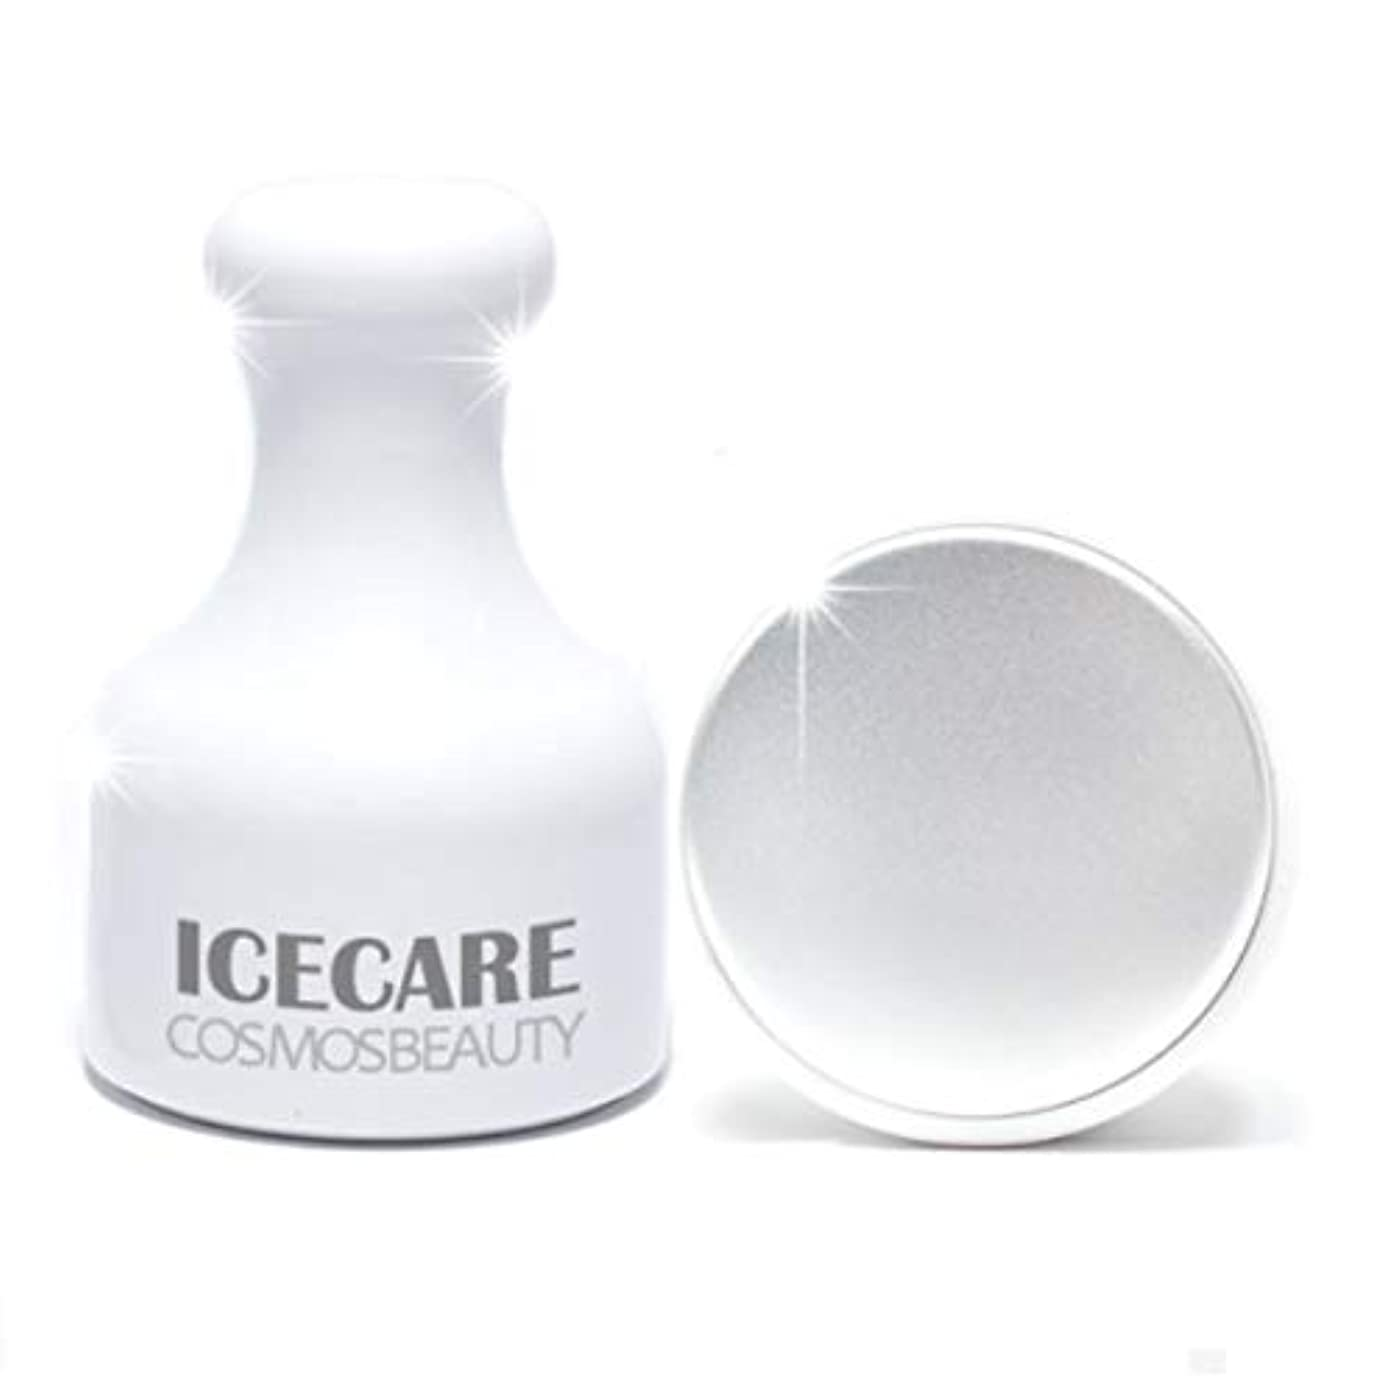 カレンダーリズミカルなカウントアップCosmosbeauty Ice Care 毛穴ケア、冷マッサージ,フェイスクーラーアイスローラーフェイスローラー顔マッサージ機構の腫れ抜き方法毛穴縮小(海外直送品)